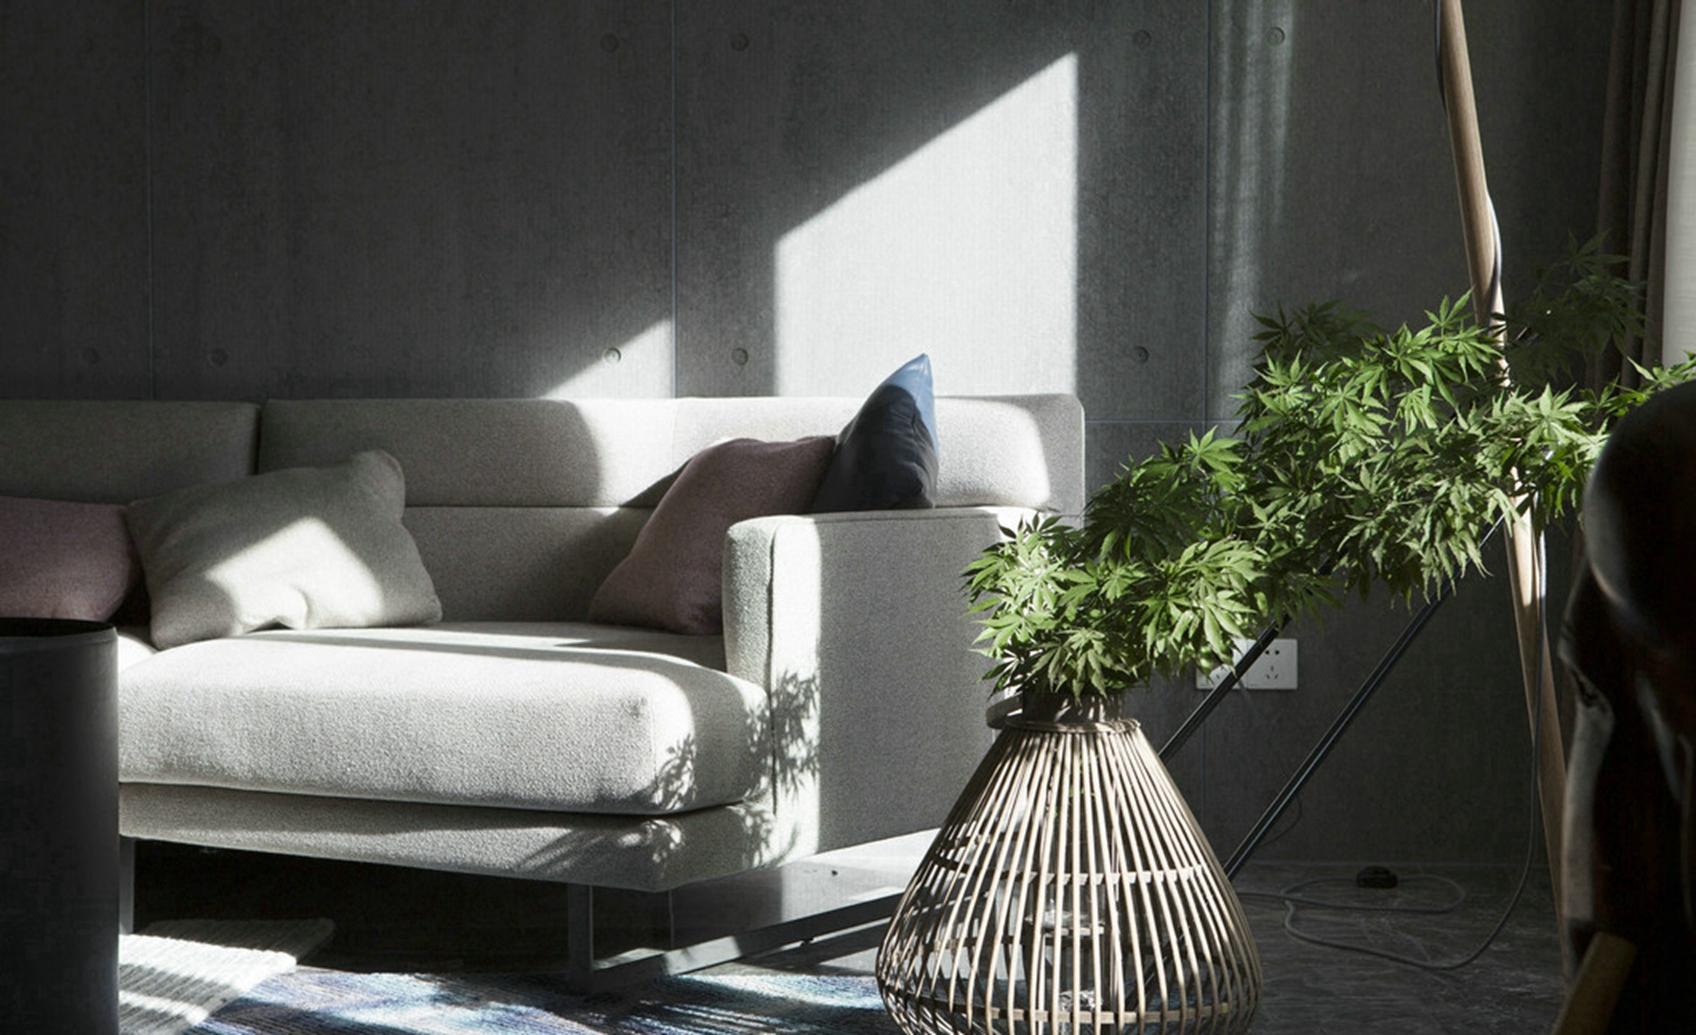 灰色的布艺沙发简单大方,沙发旁边搭配绿色植物点缀真个屋子,清新亮丽